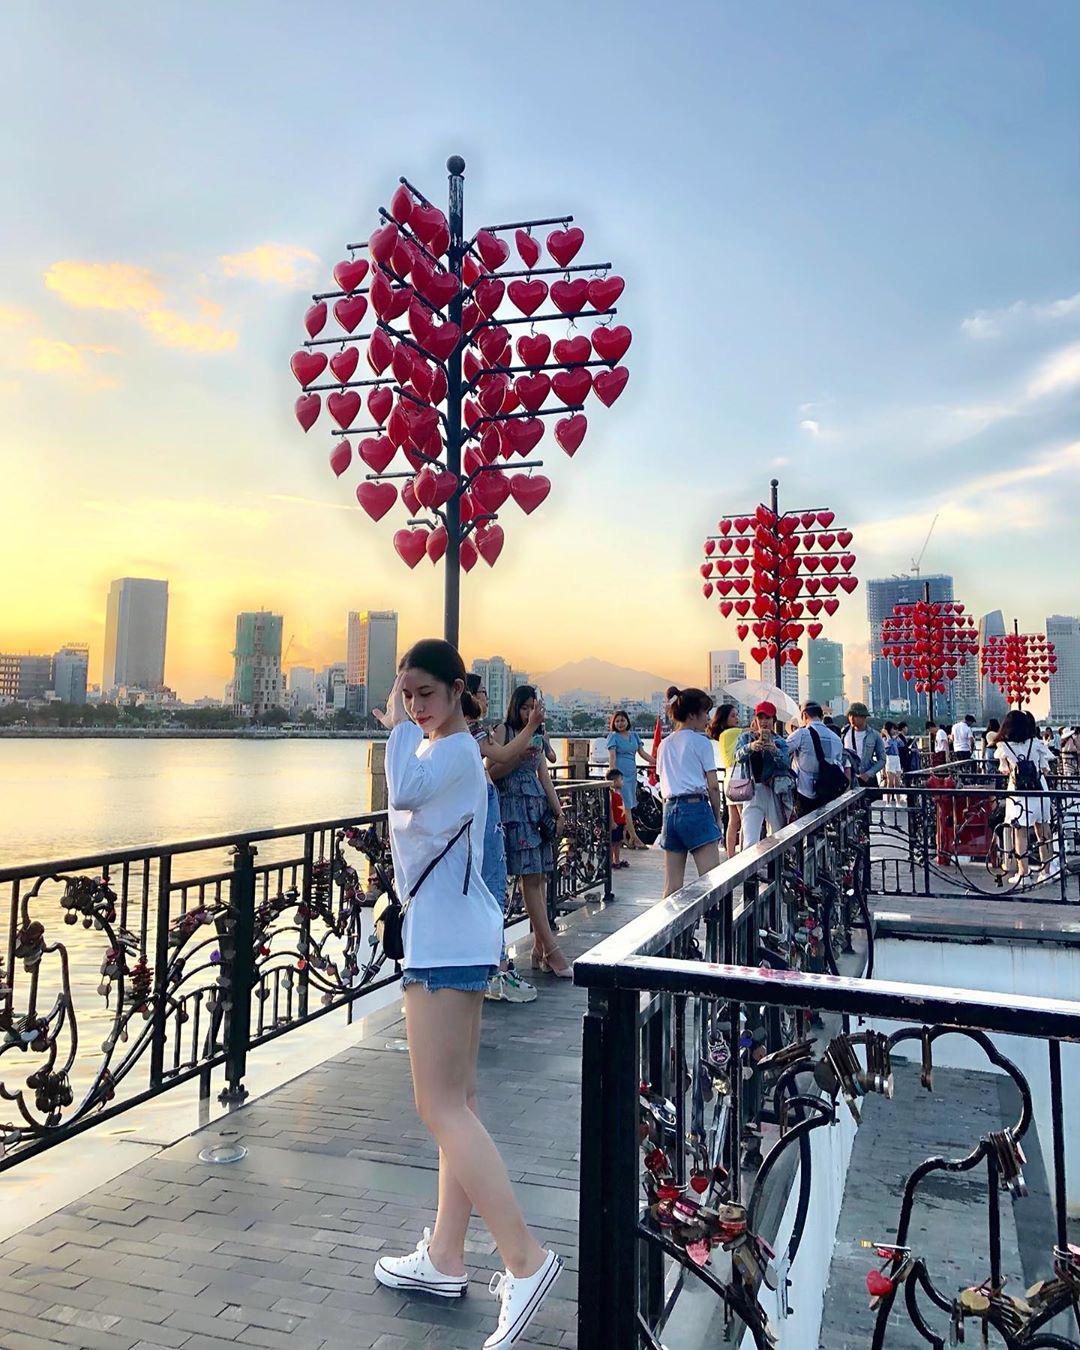 So sánh tour du lịch Hà Nội – Đà Nẵng – Hội An 3 ngày 2 đêm - Ảnh 3.